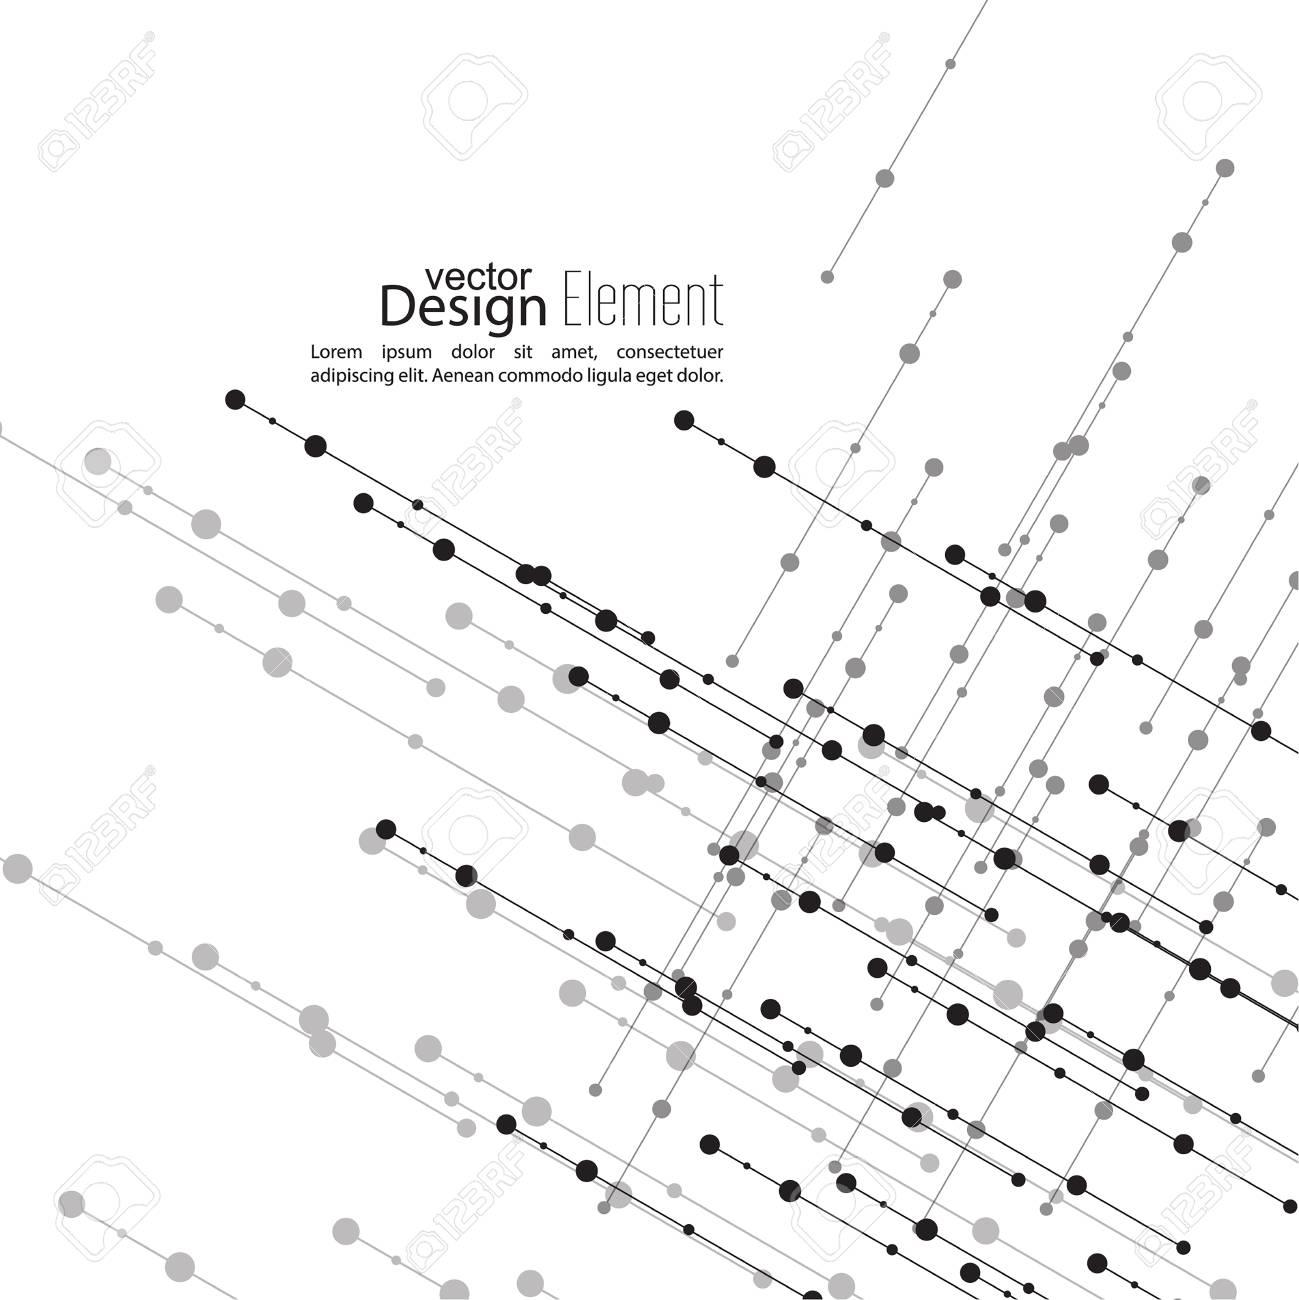 Resumen De Antecedentes Virtual Con Partículas Estructura De La Molécula La Intersección De Líneas Diagonales Con Puntos Blanco Y Negro Sepia